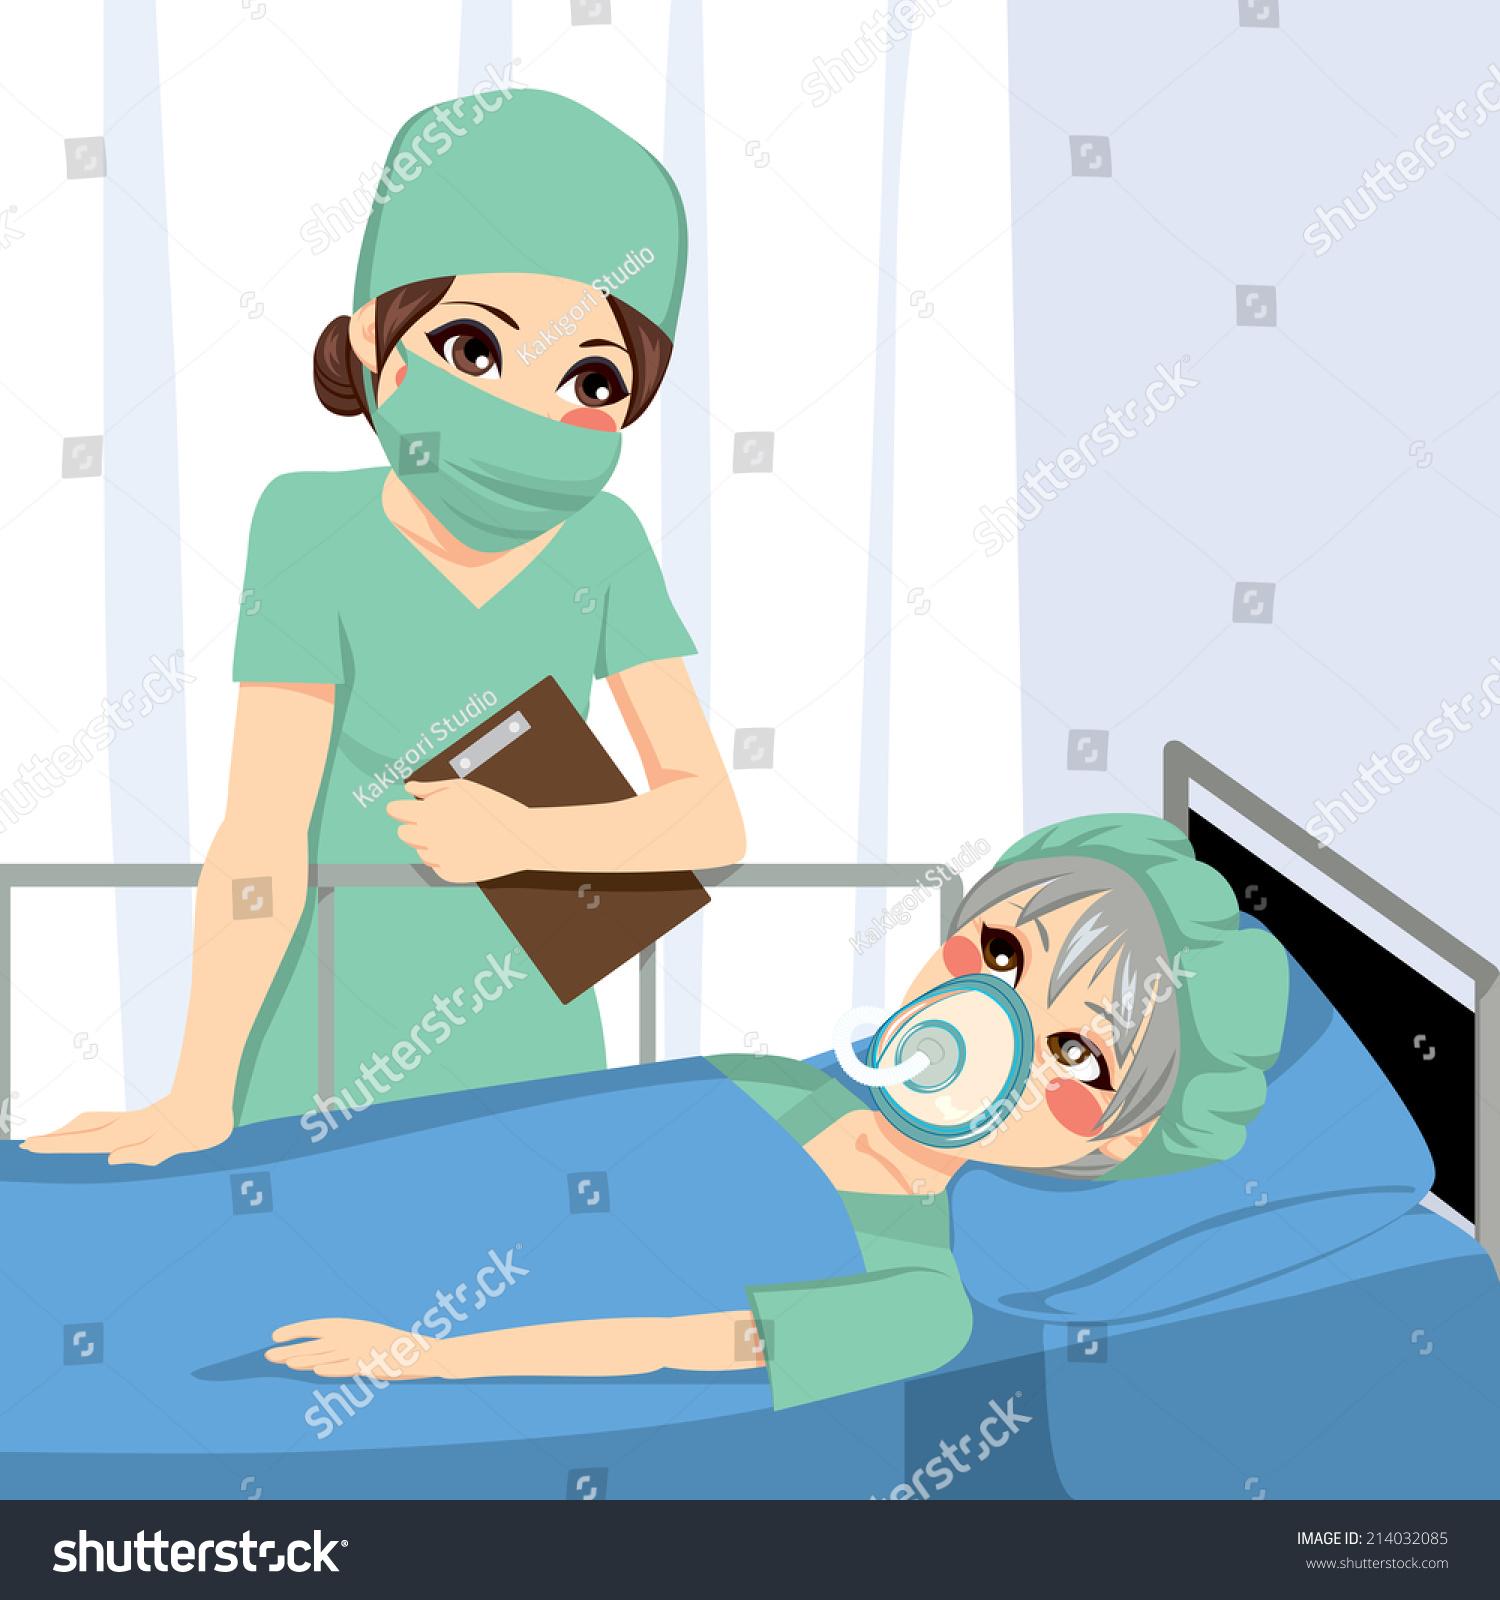 护士图片人物卡通图片